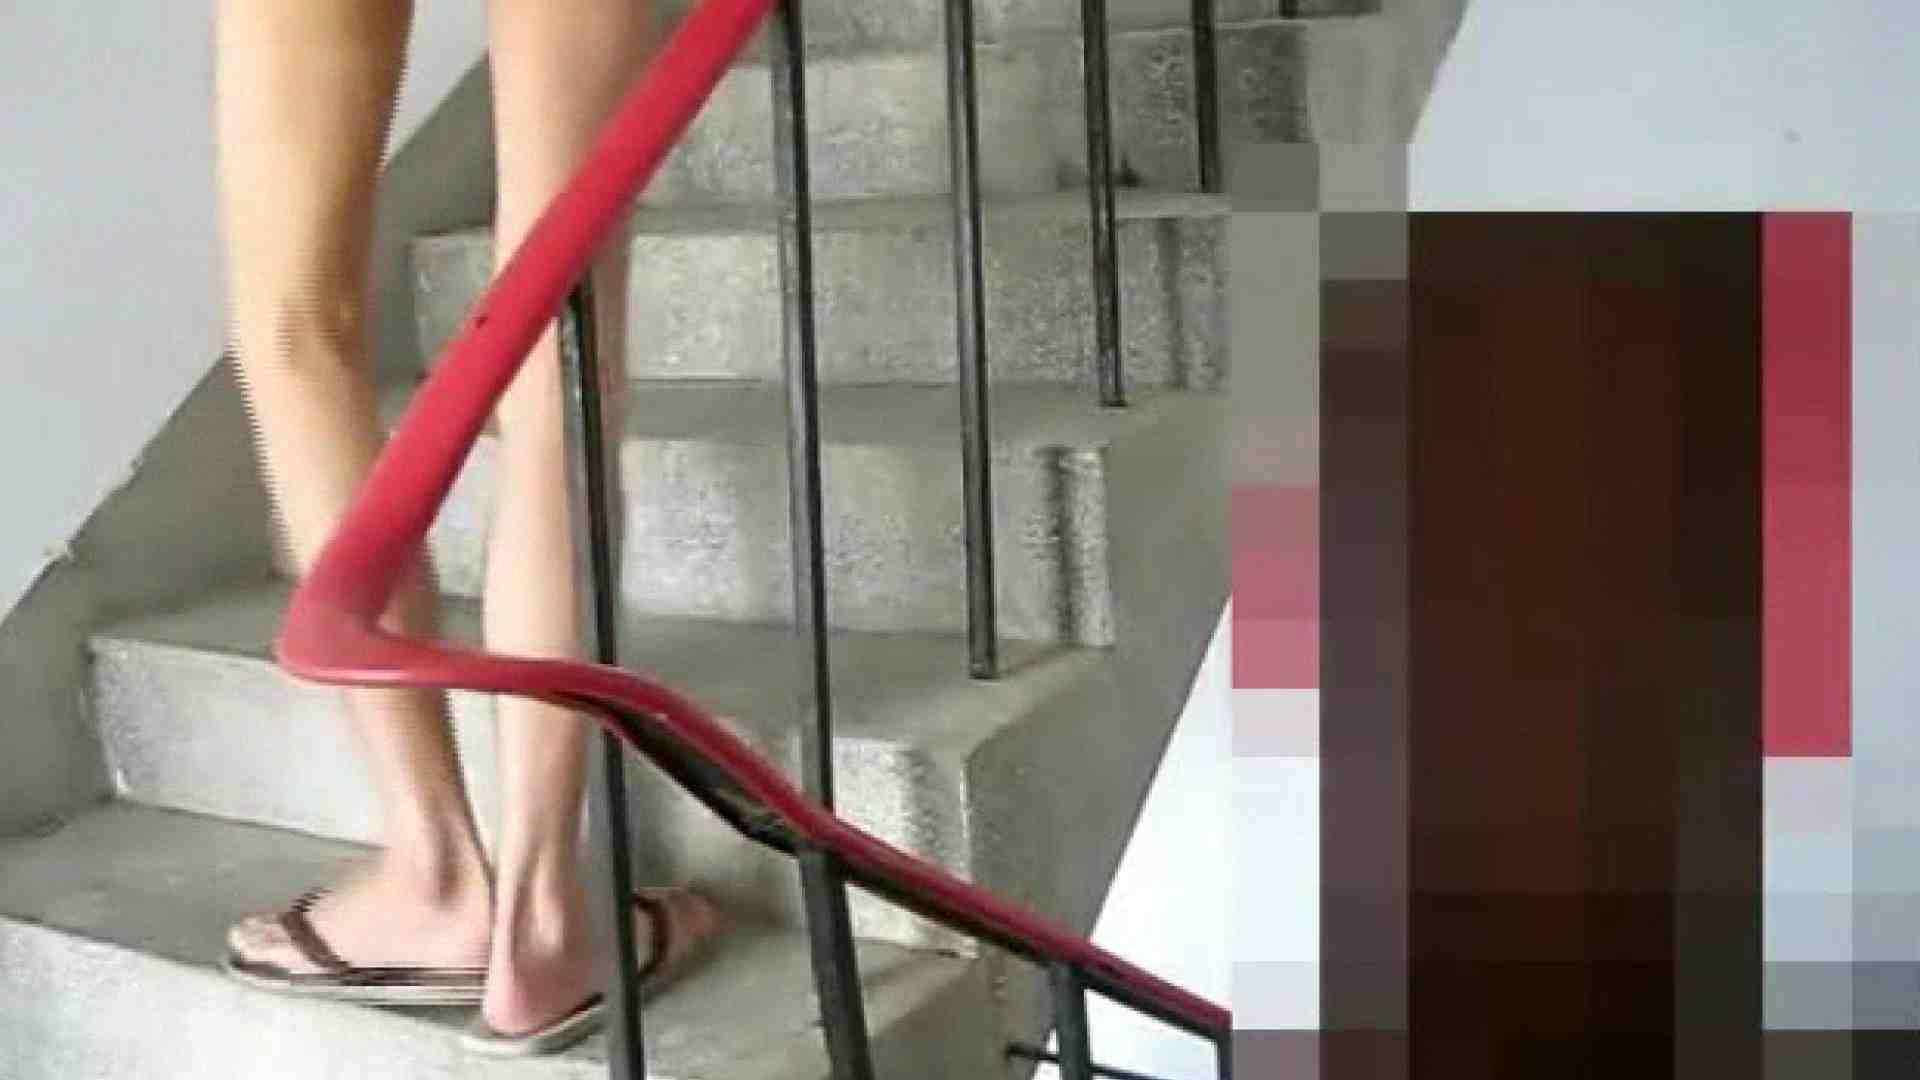 オナニー階段でシコる! オナニー編 ゲイ無修正ビデオ画像 62枚 57